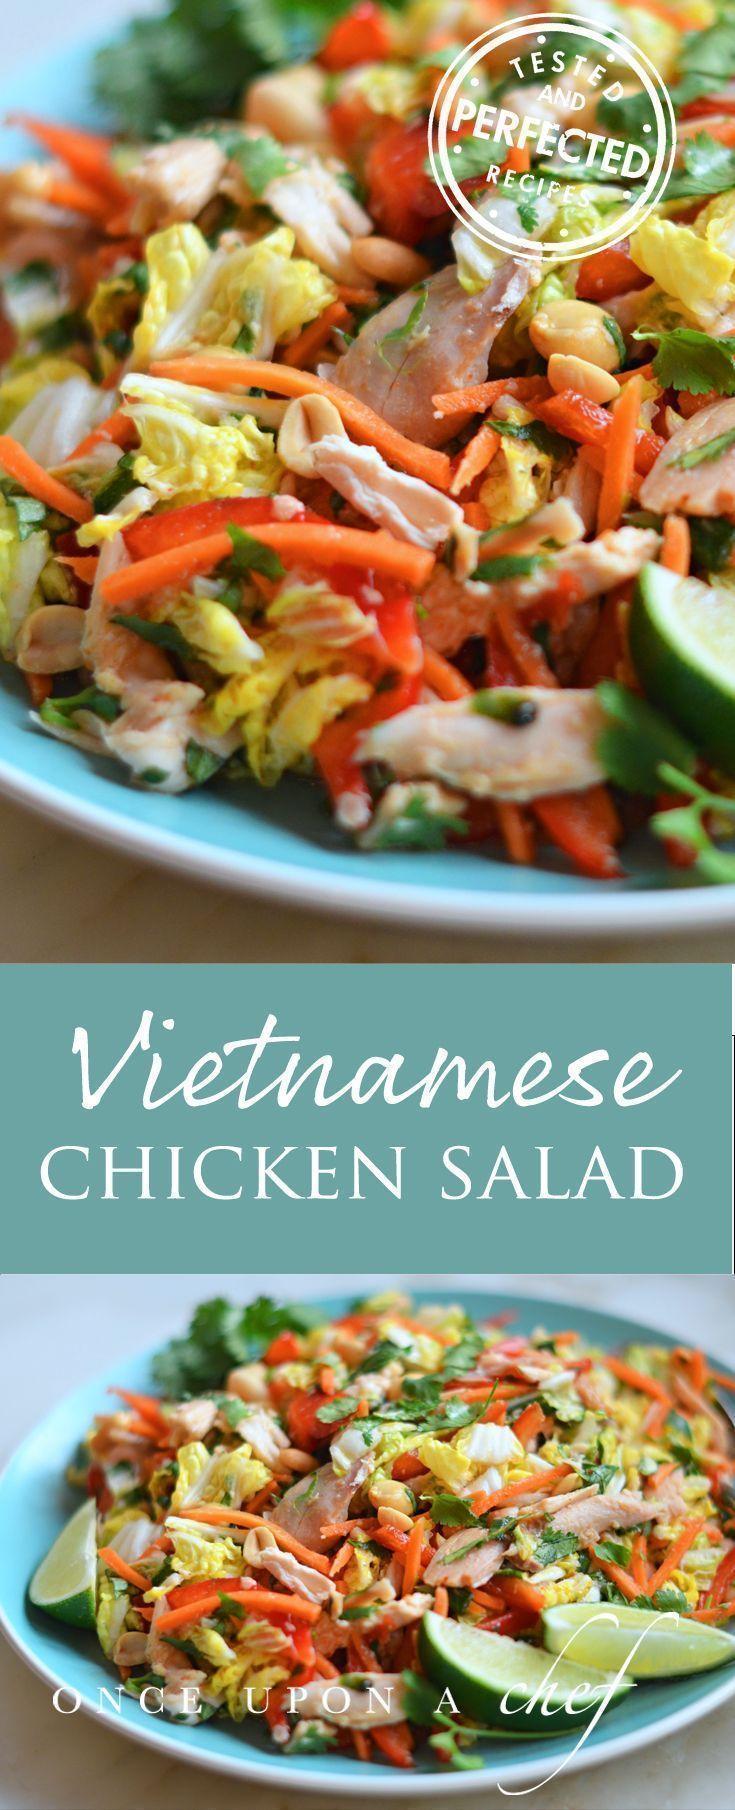 72 best Thai & Vietnamese Food images on Pinterest   Thai food ...